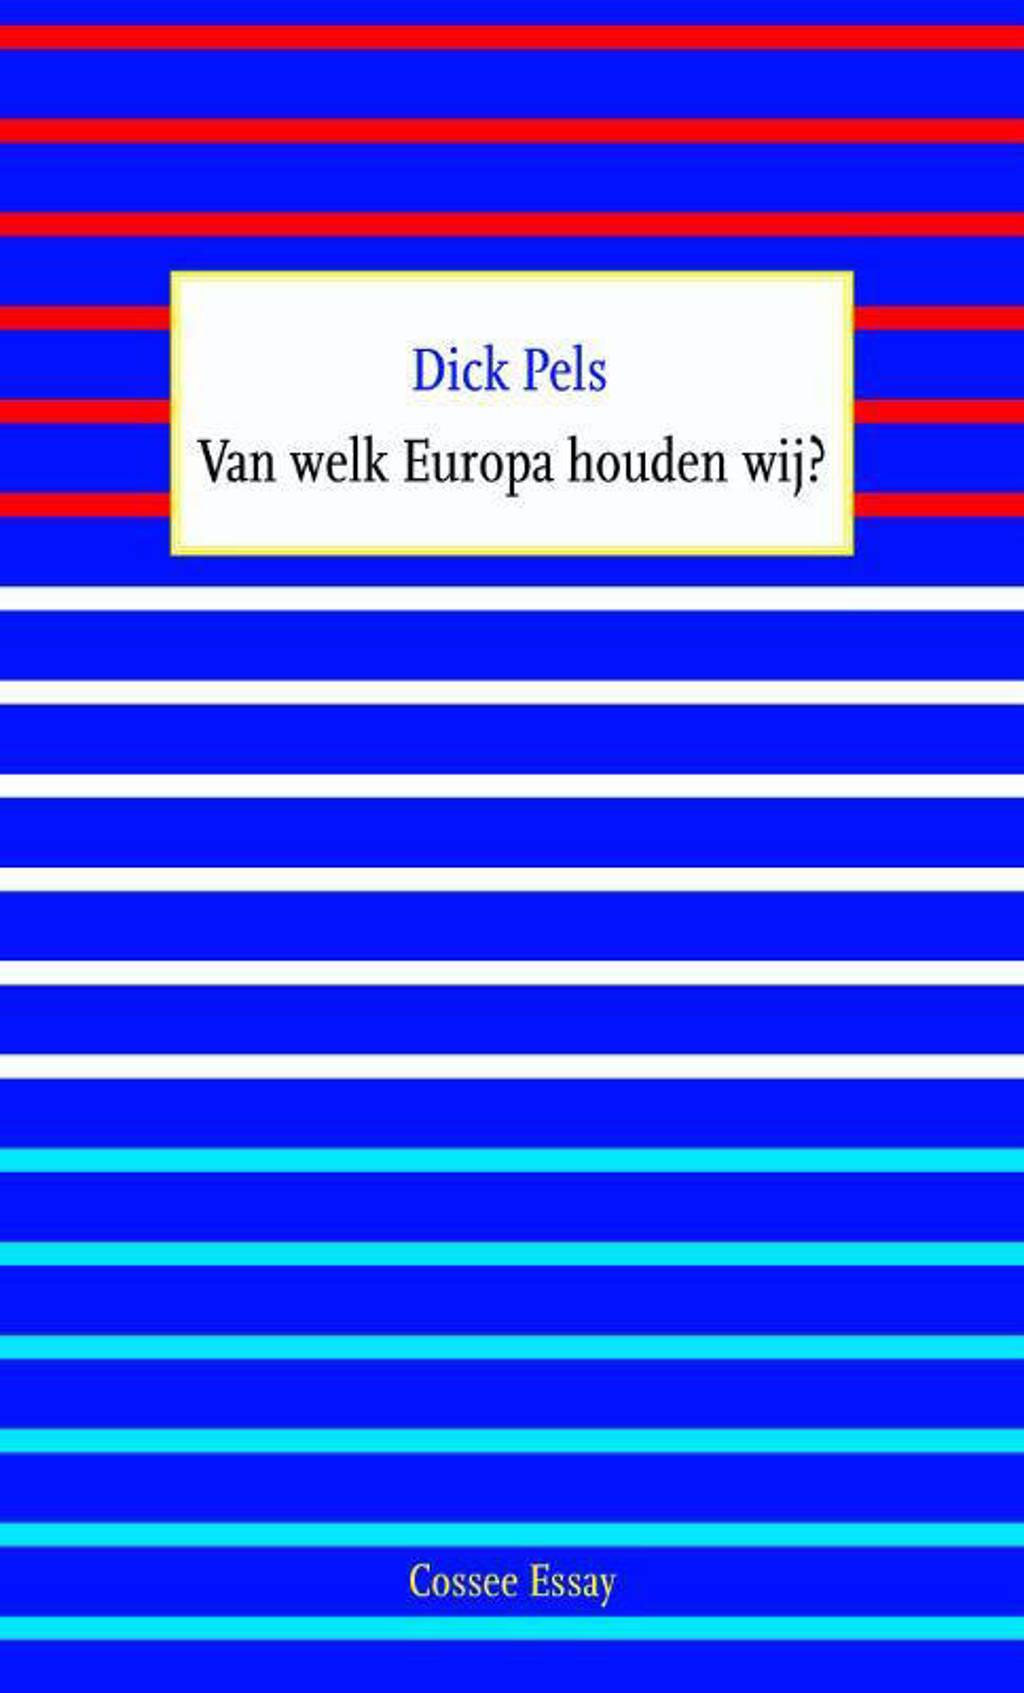 Essay: Van welk Europa houden wij? - Dick Pels